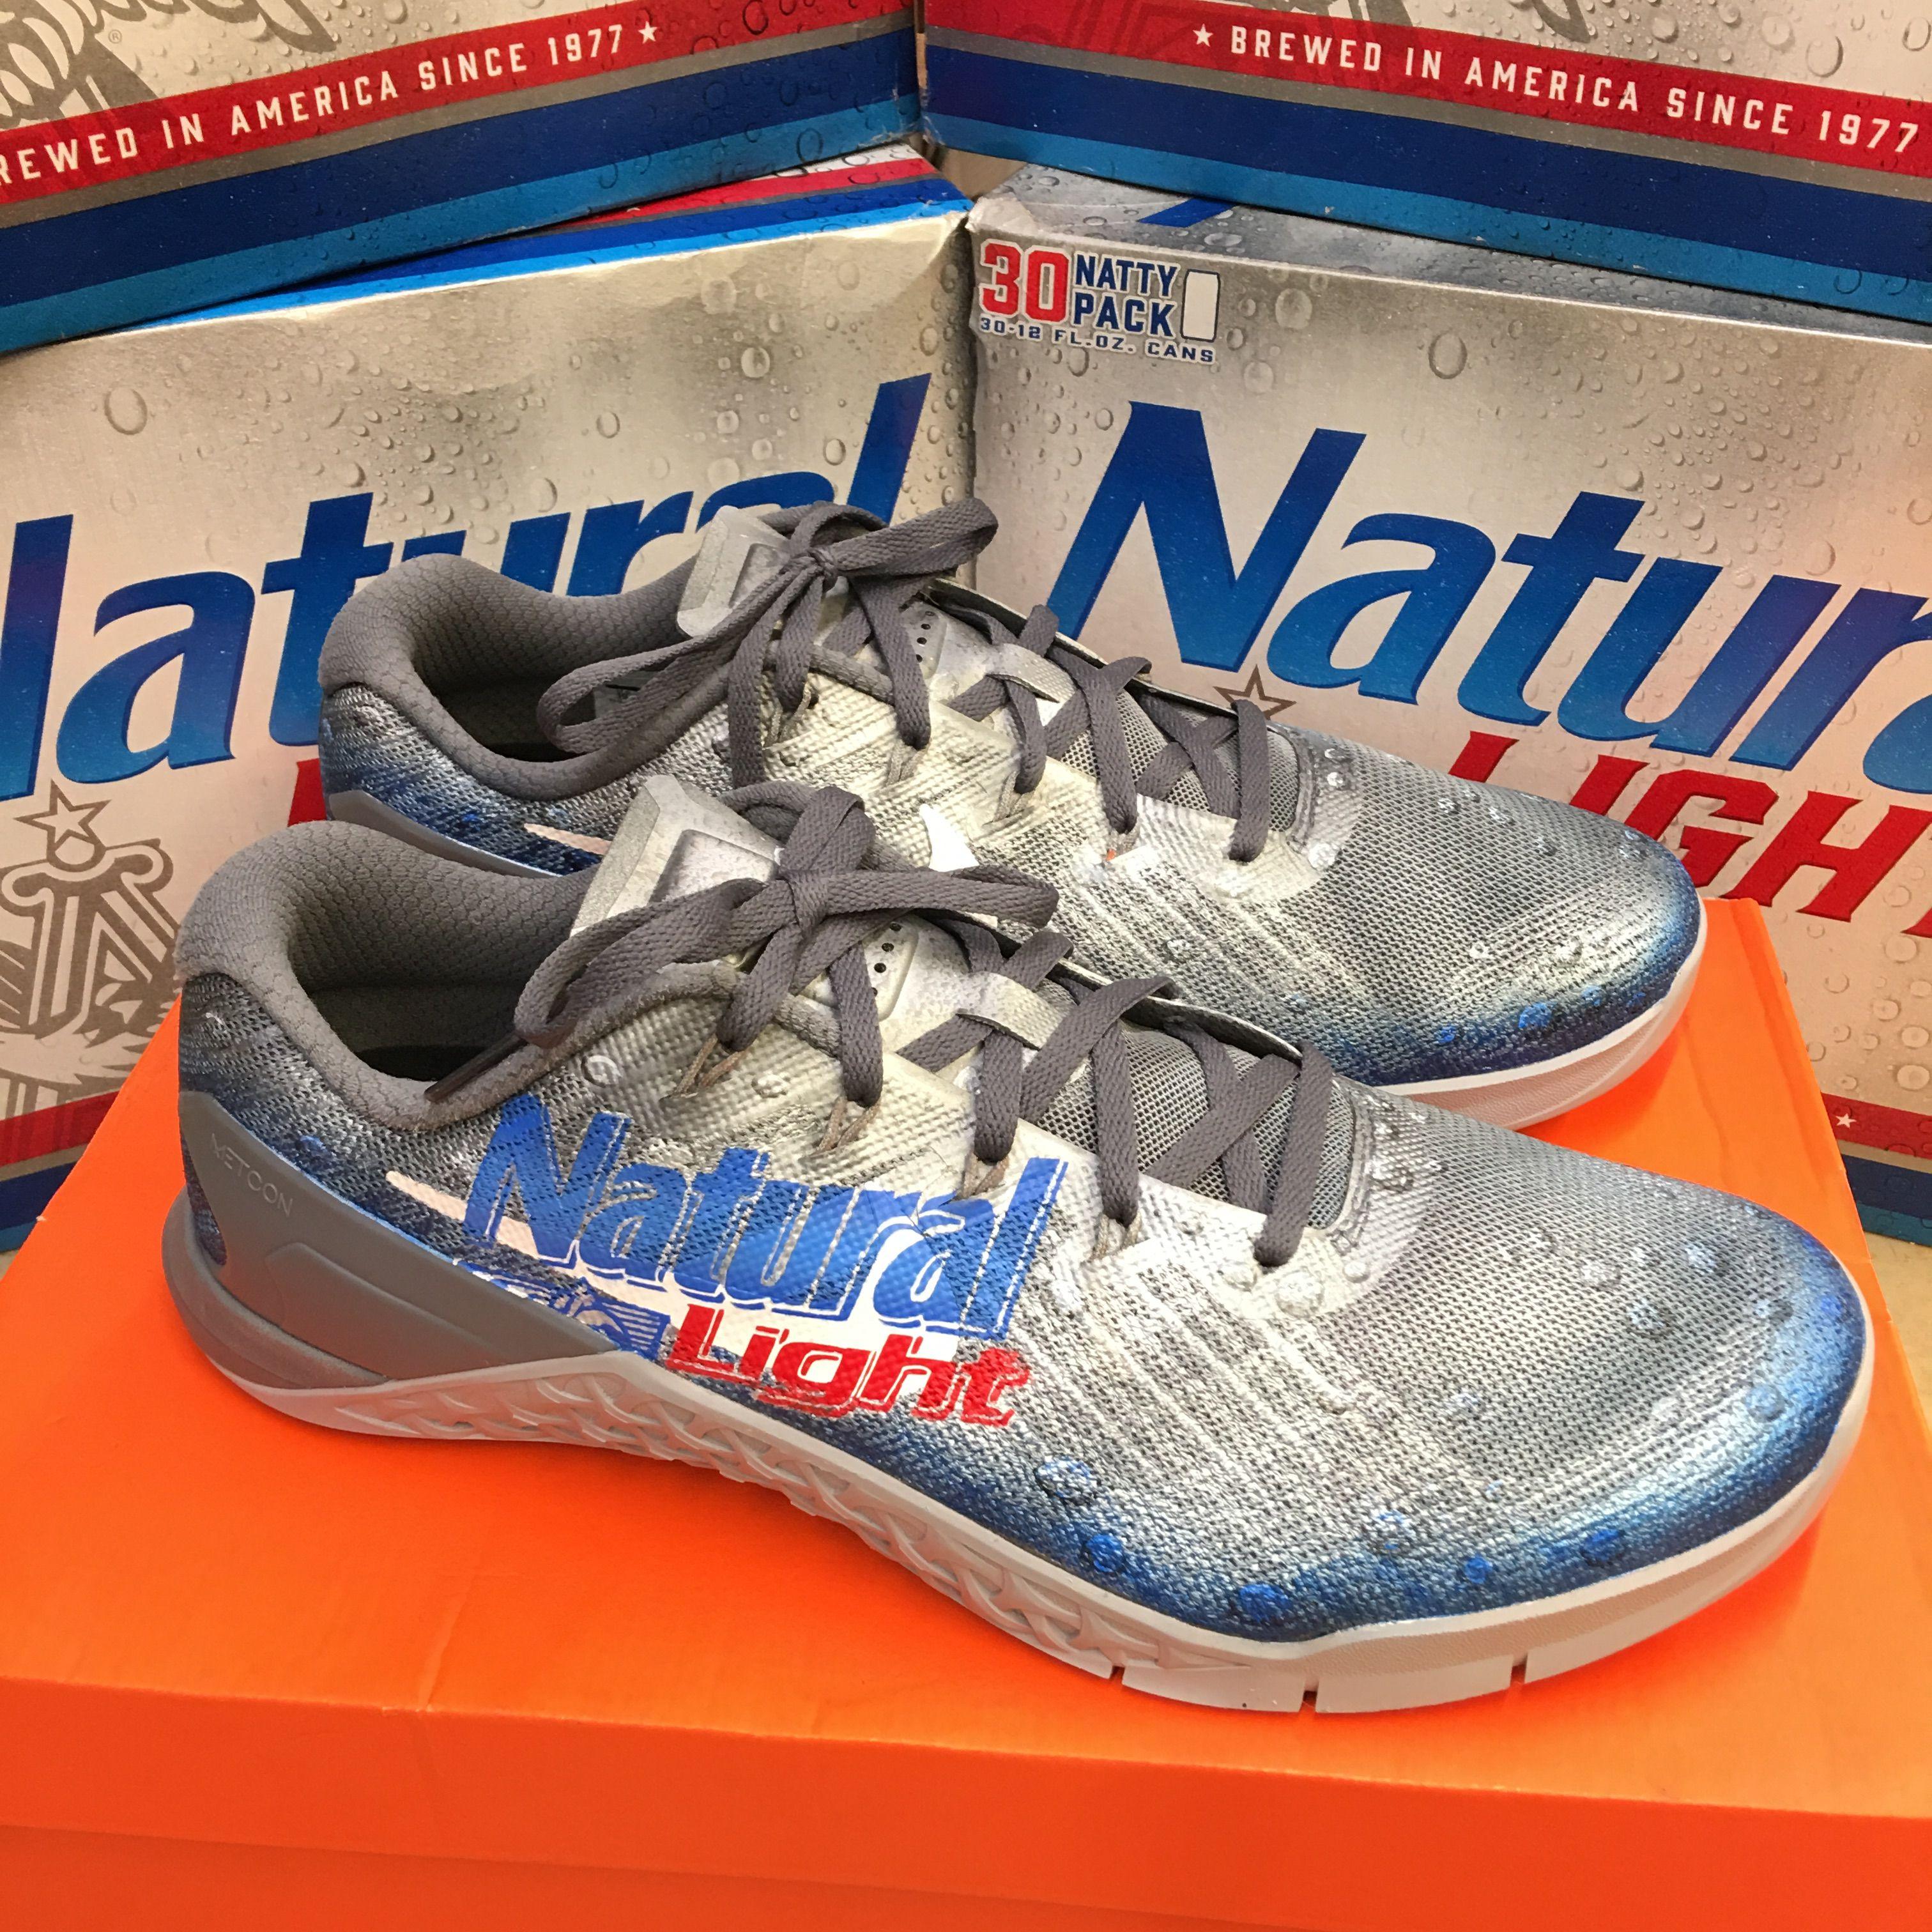 61f6eee50ba32 Custom Painted Natural Light Beer Nike Metcon 3 | Custom Shoes in ...